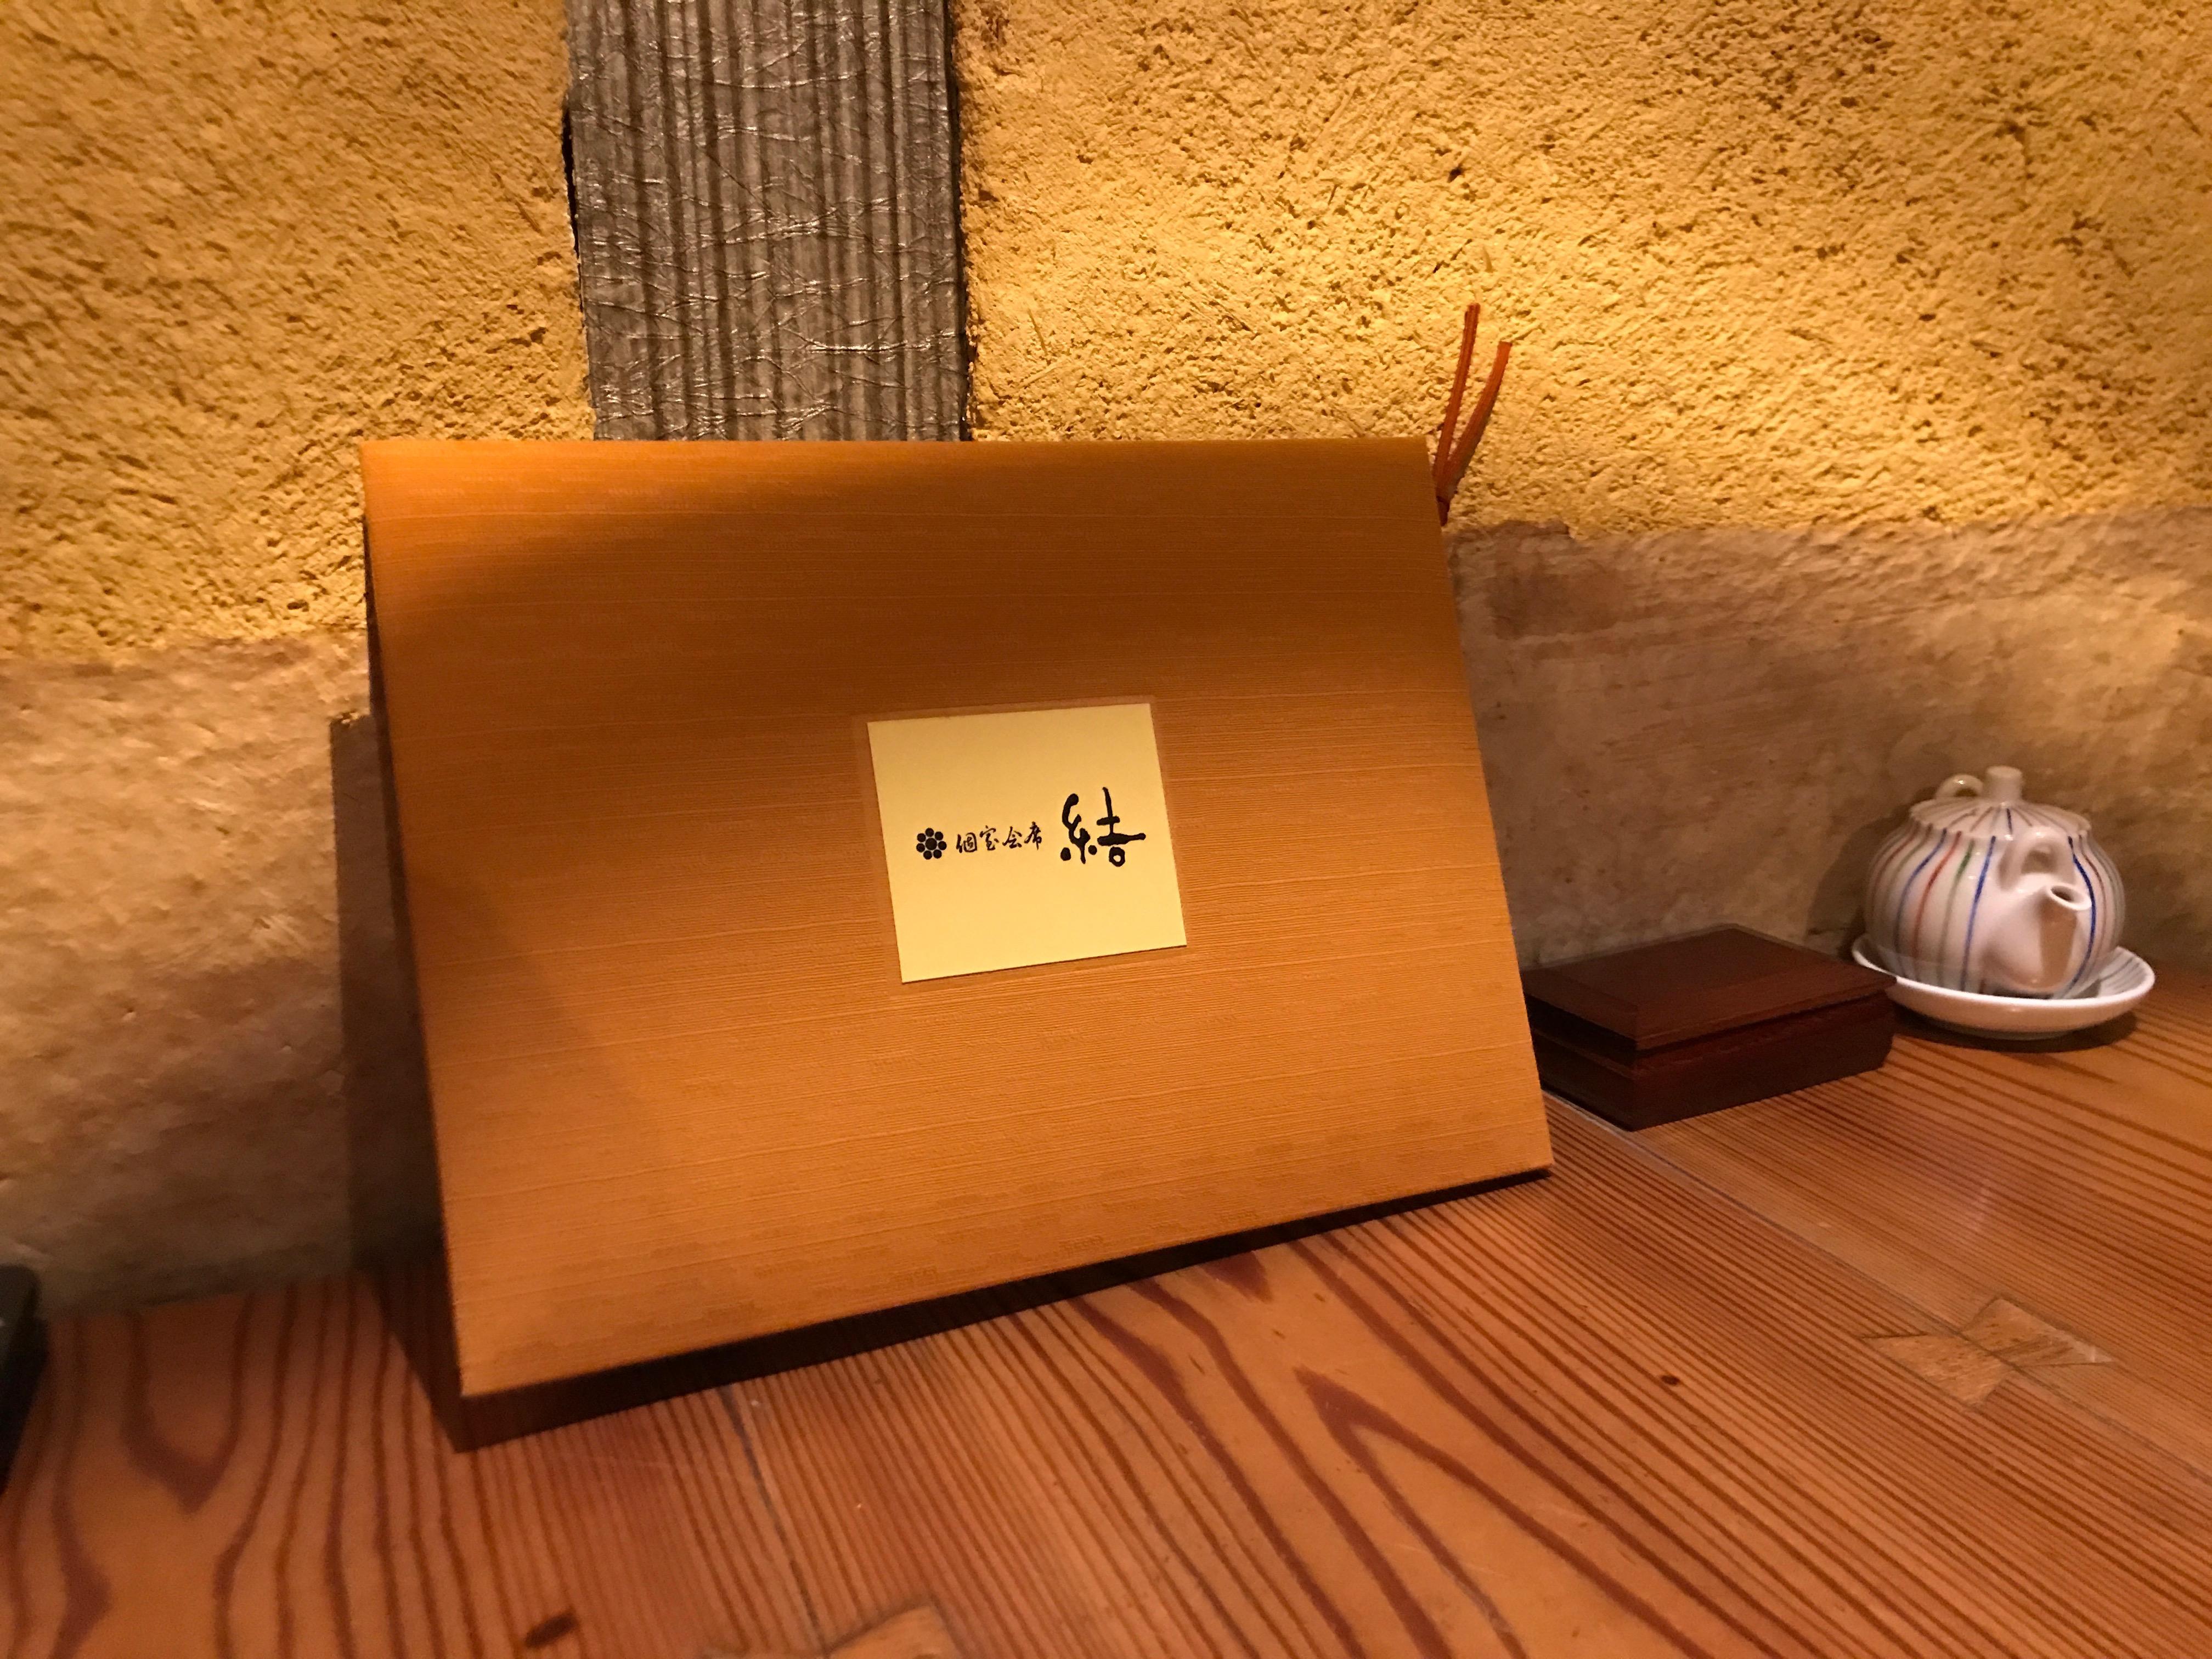 「坐布団-YOKO」ご利用のお店へ!